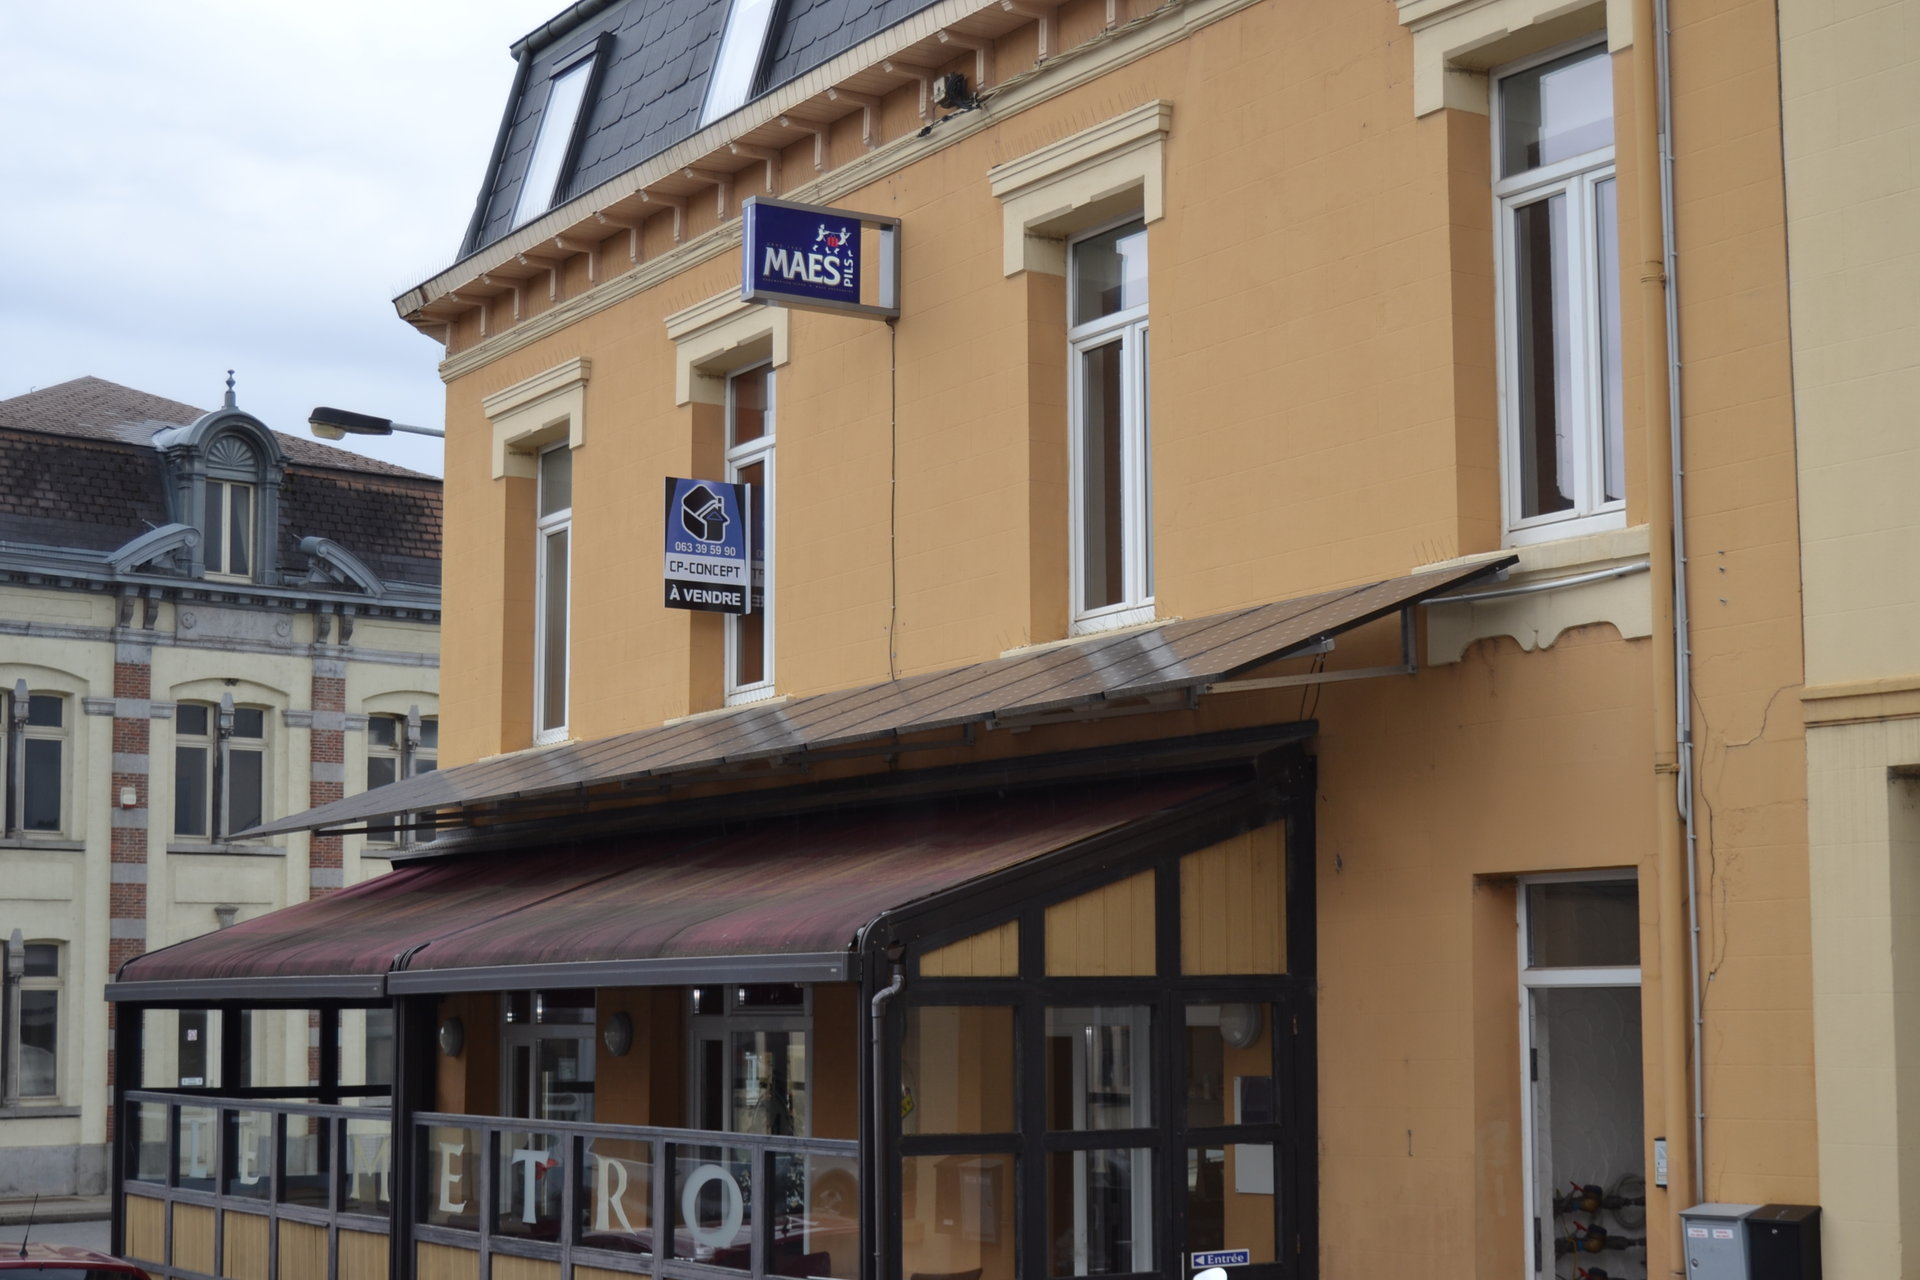 +++SOUS-OFFRE+++Immeuble mixte avec un local commercial et deux appartements